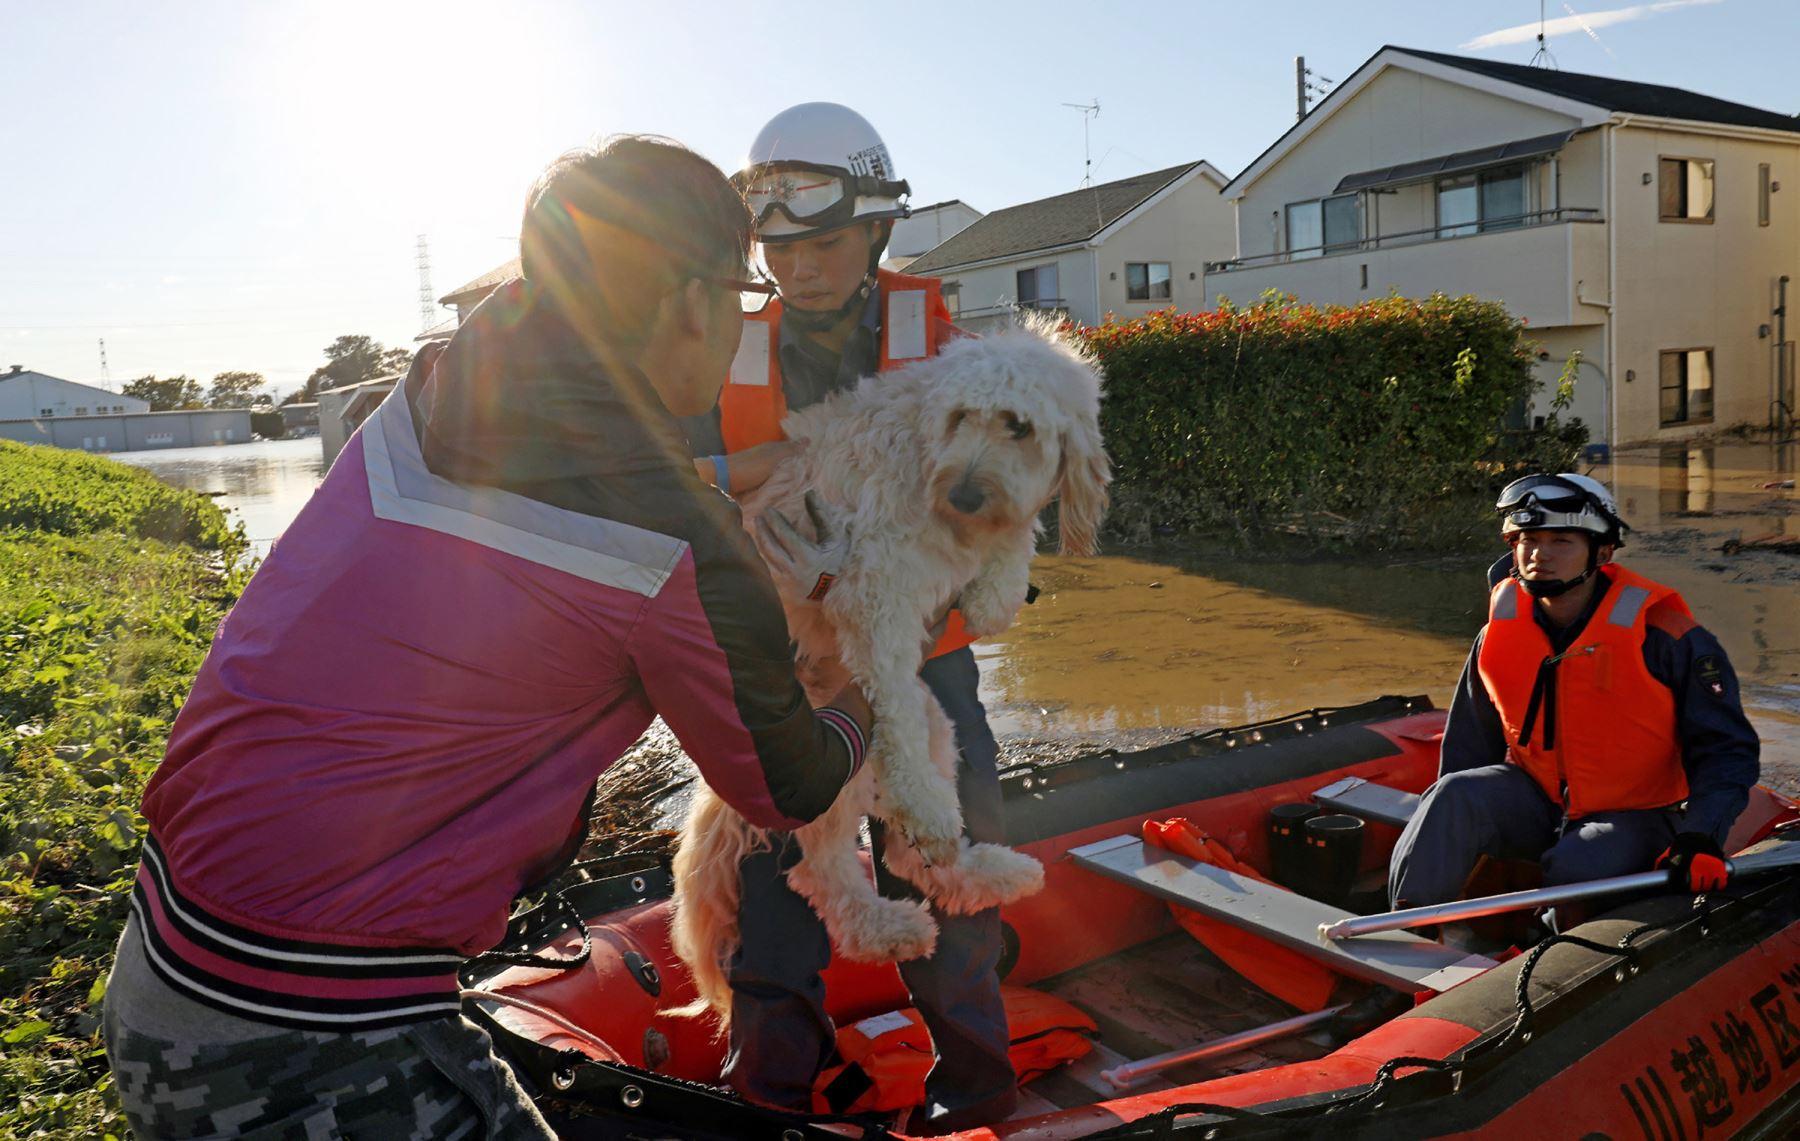 Bomberos evacuan a un perro de una zona inundada en Kawagoe, prefectura de Saitama, un día después de que el tifón Hagibis barriera el centro y este de Japón. Foto: AFP